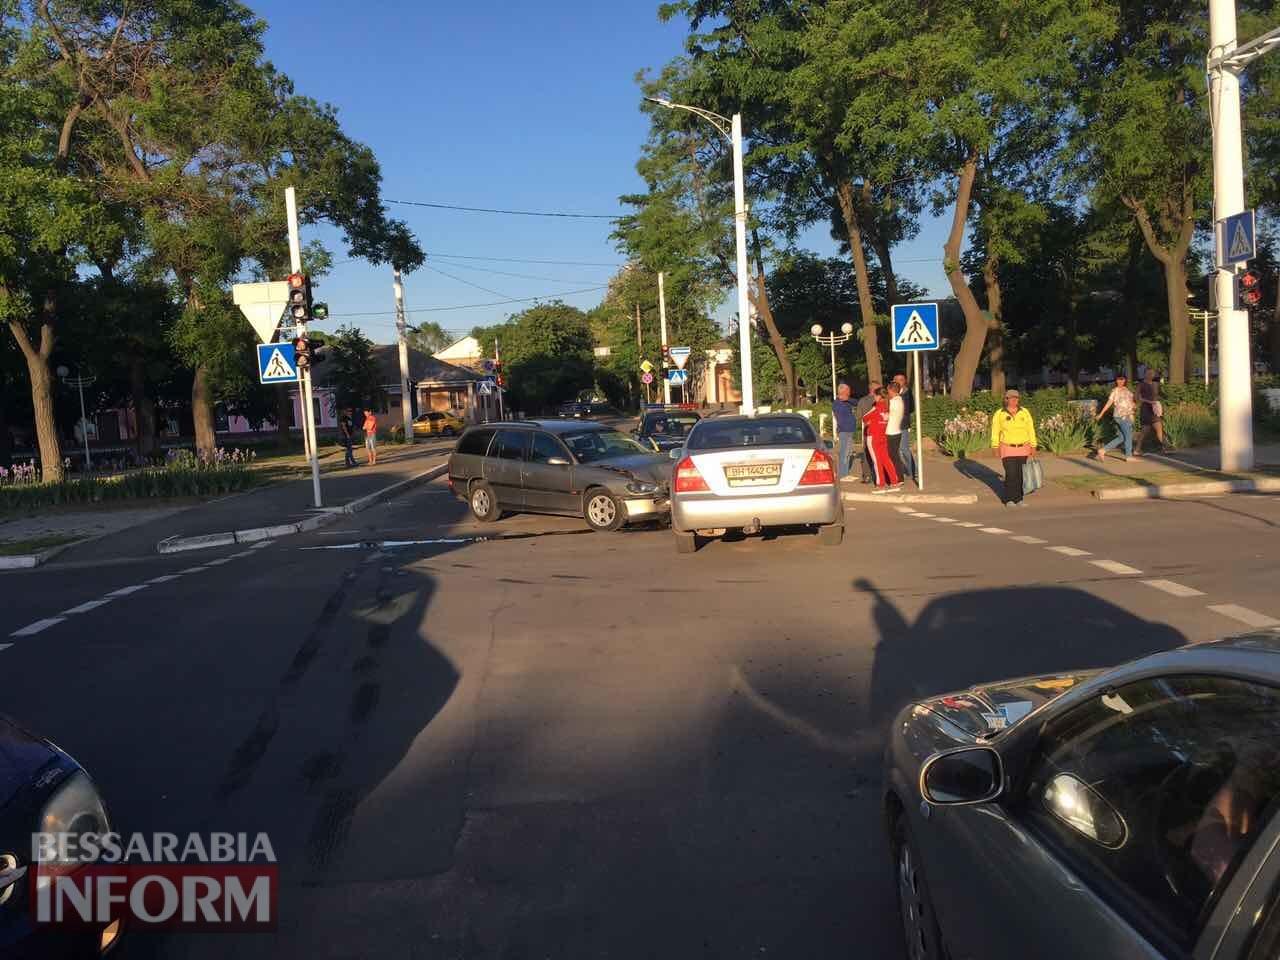 5925bafe39484_3476564536534 В Измаиле яркий закат солнца и невнимательность водителя спровоцировали ДТП